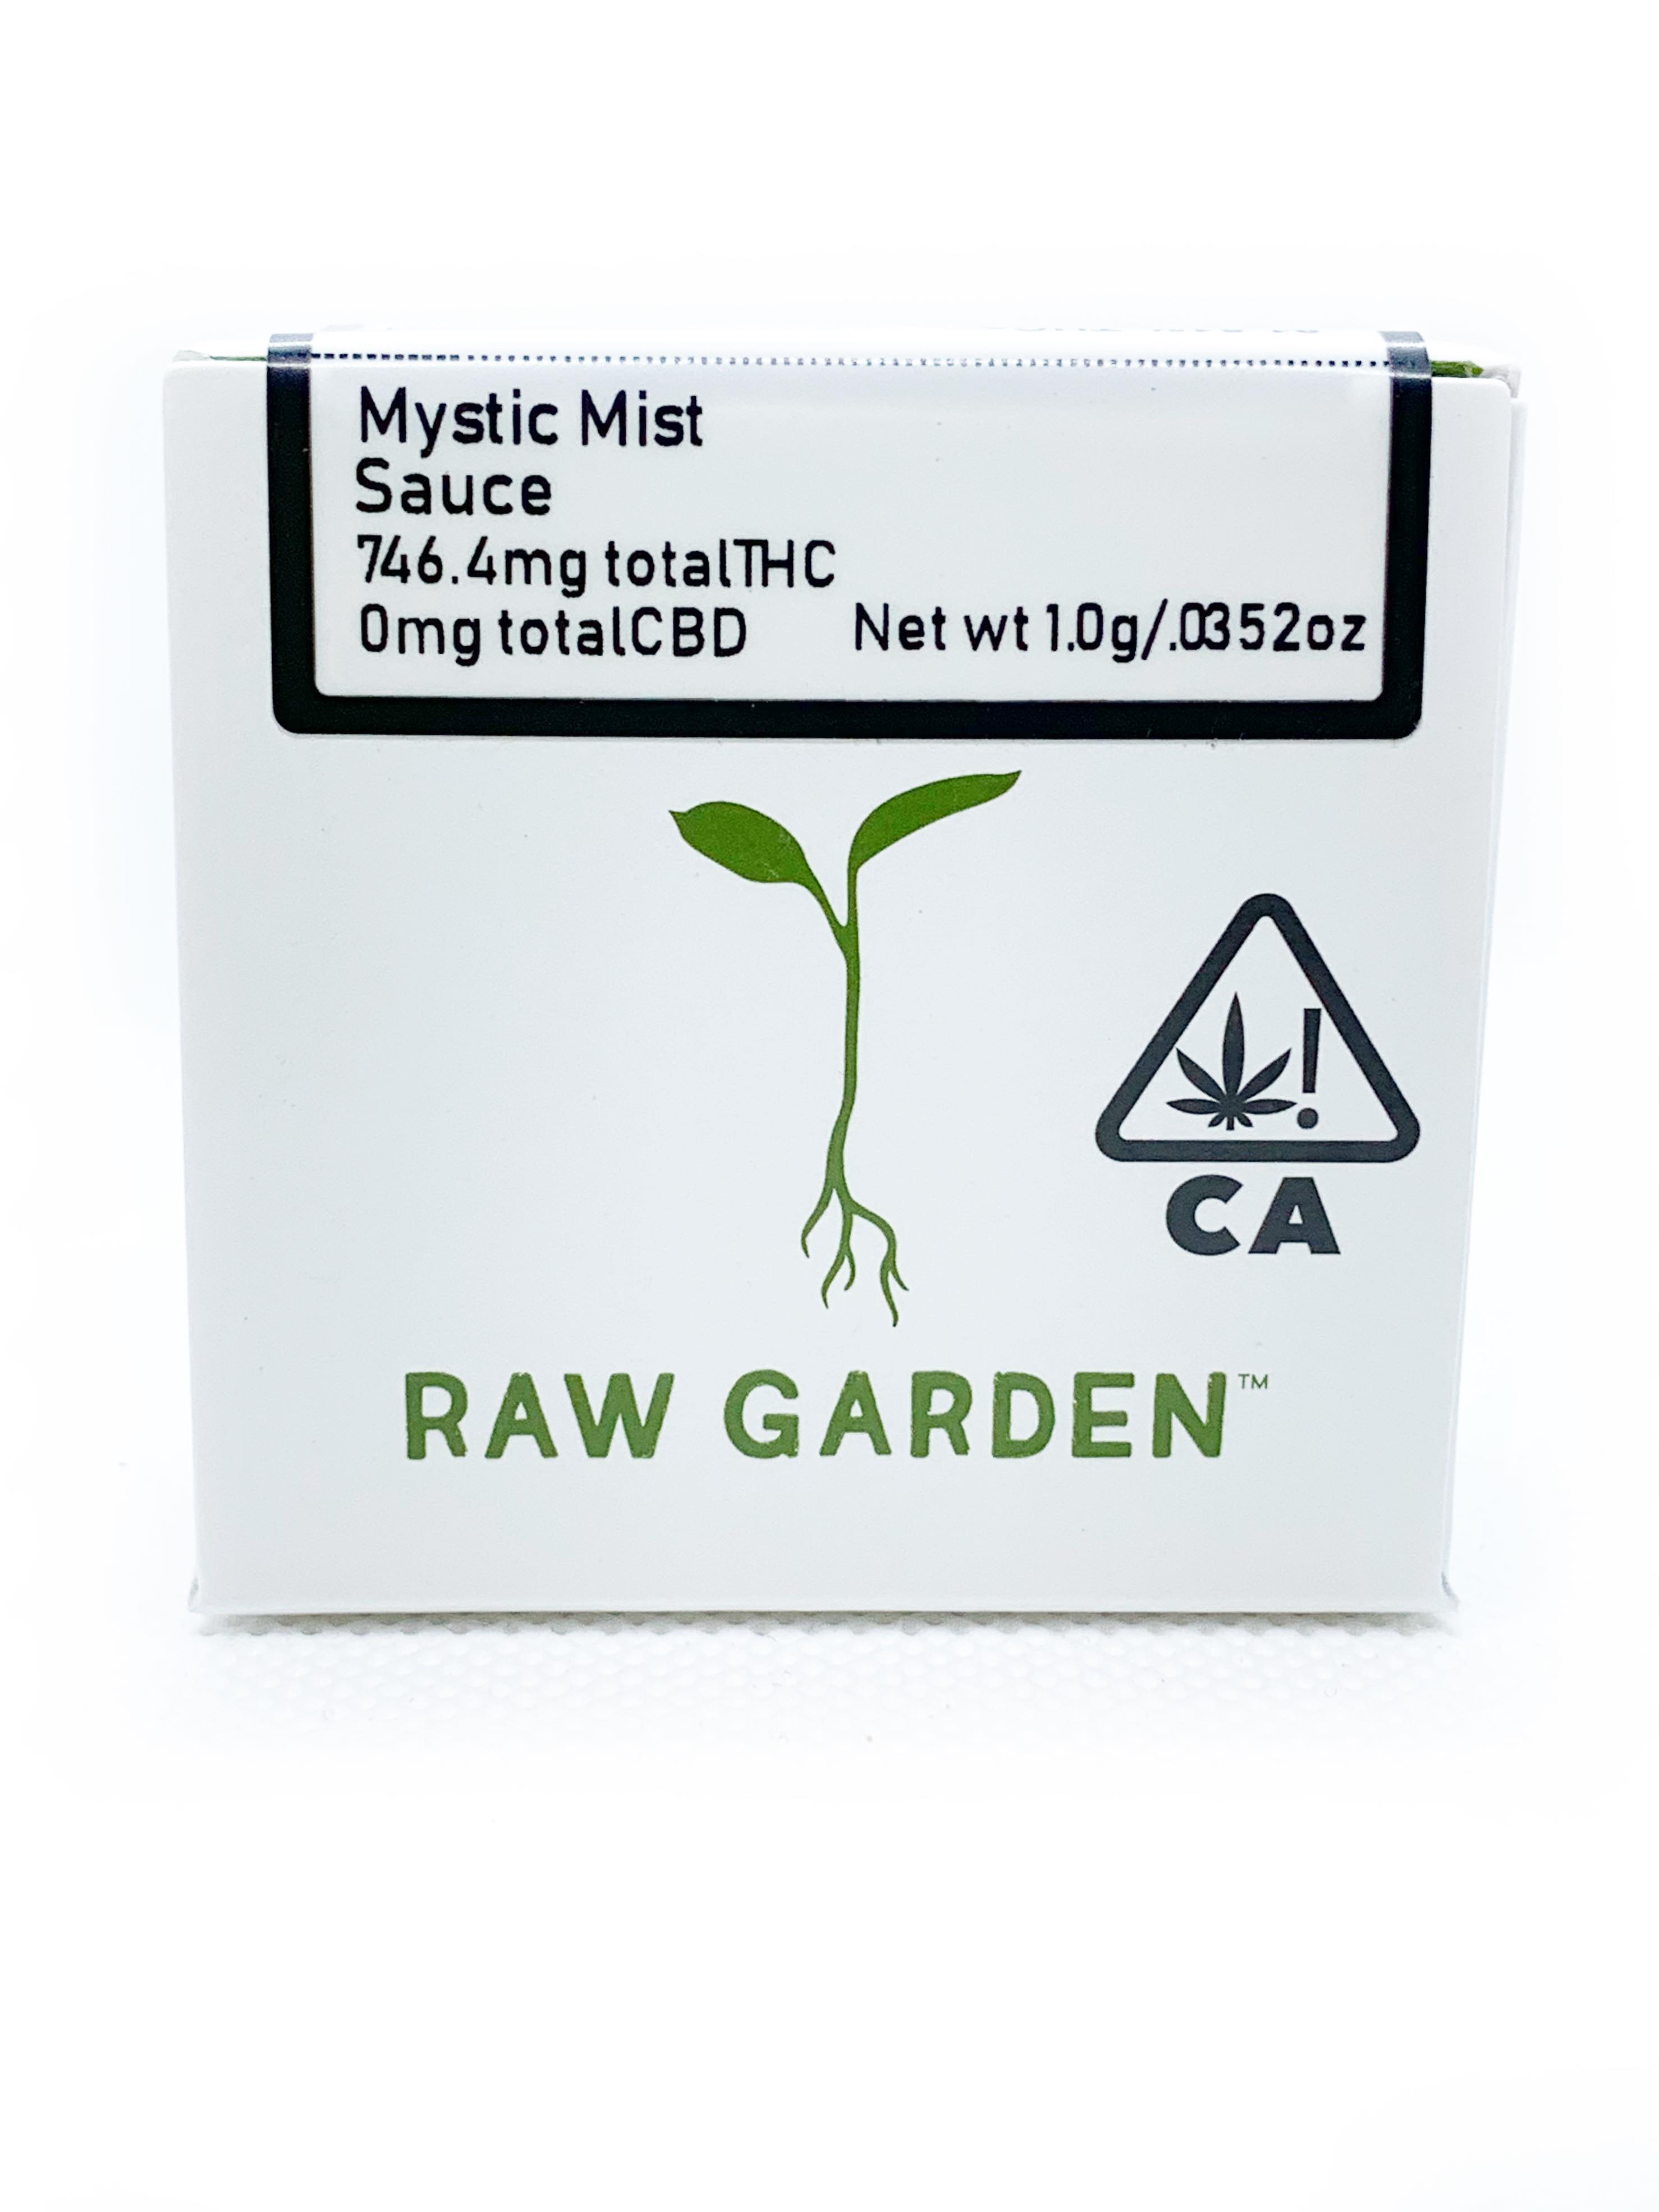 RG: Mystic Mist Sauce 1g